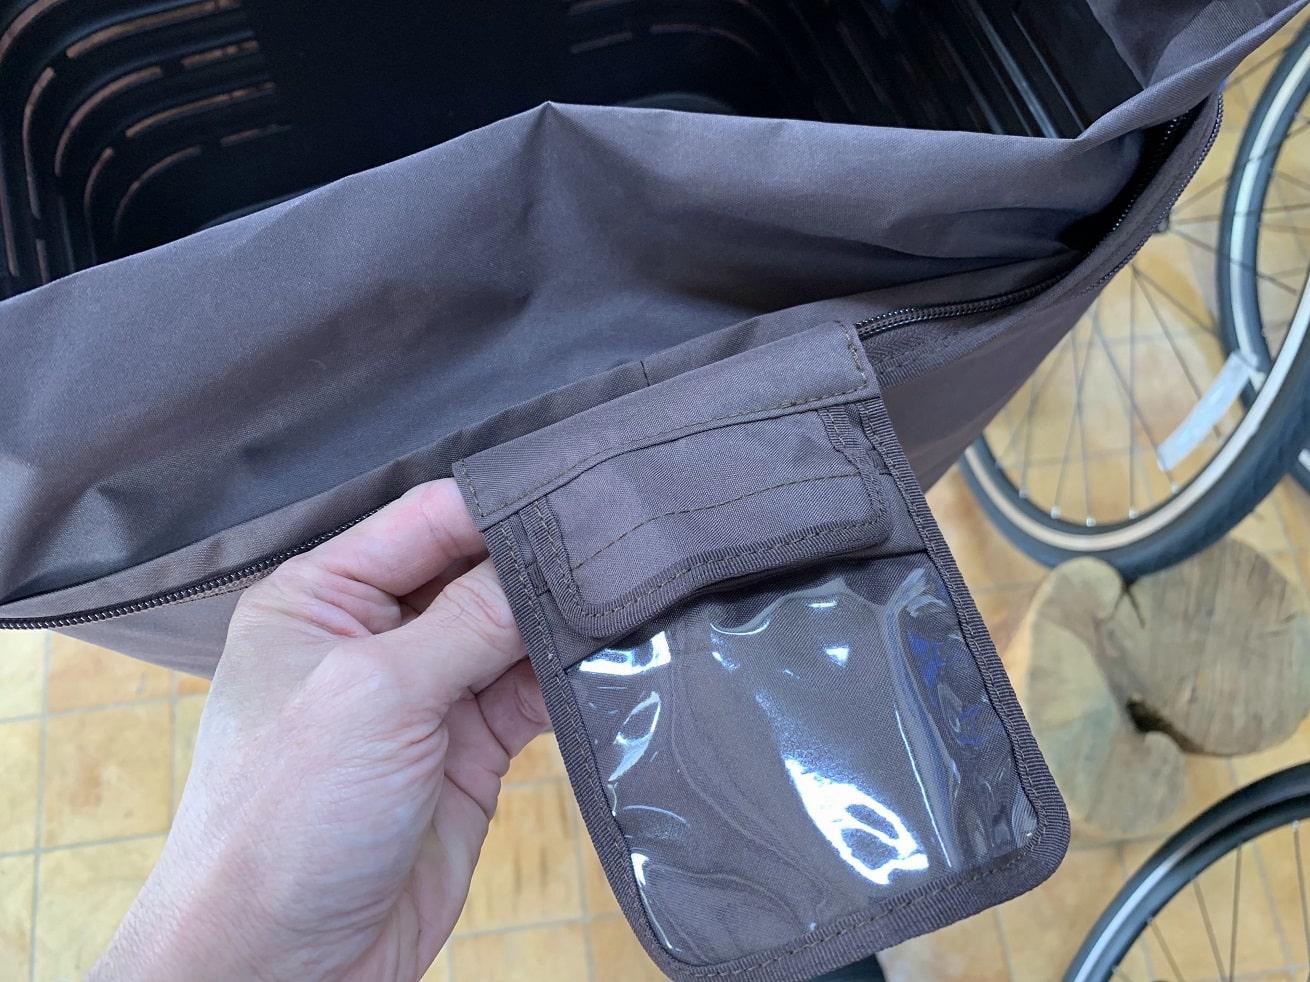 ビビDX用フロントバスケットカバ内側にミニポケット付き